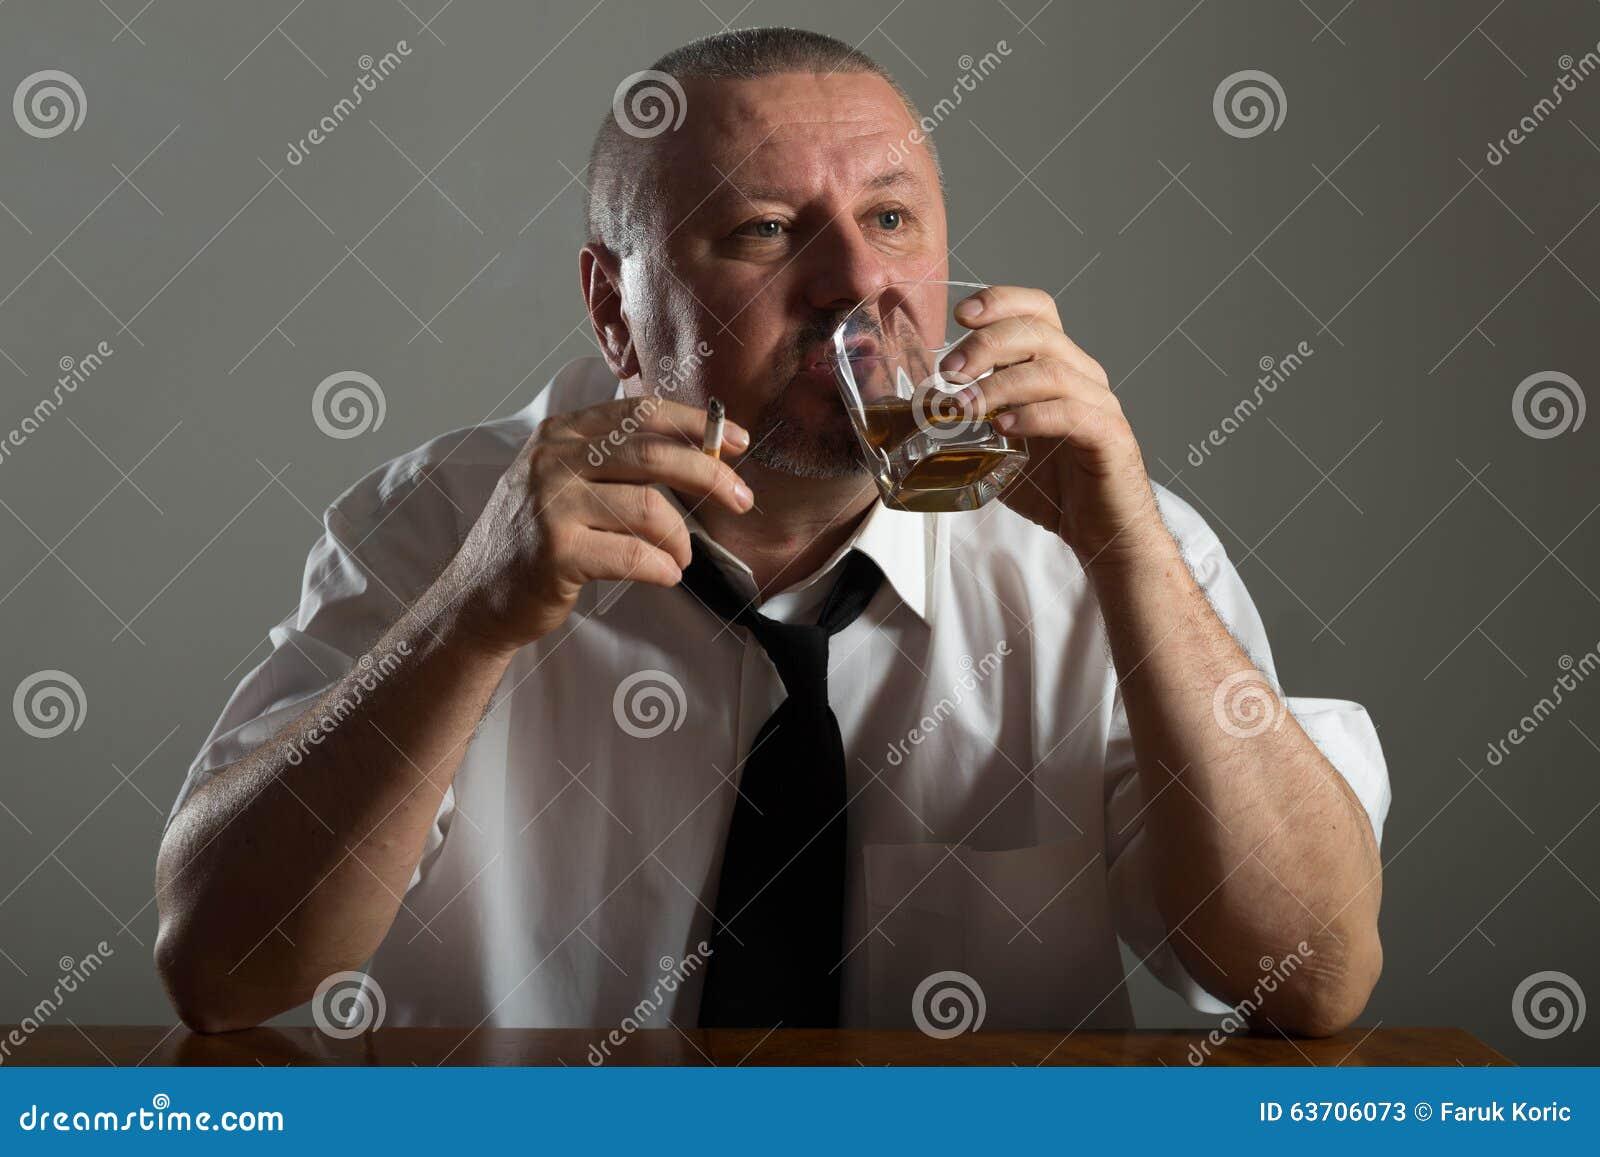 Che il figlio in la legge non abbia bevuto un appezzamento